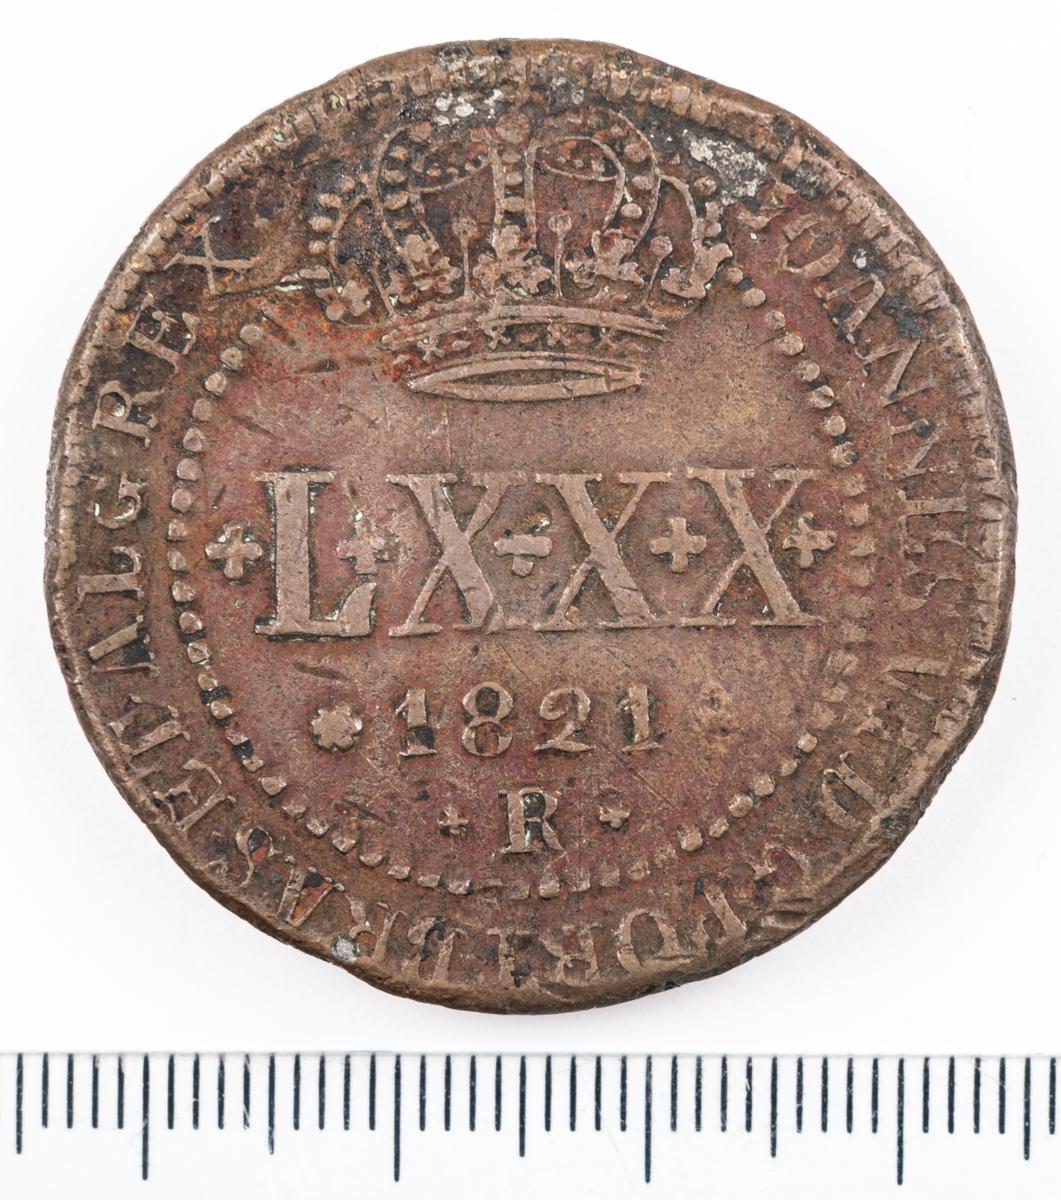 Mynt, Brasilien, 1821, LXXX Reis.